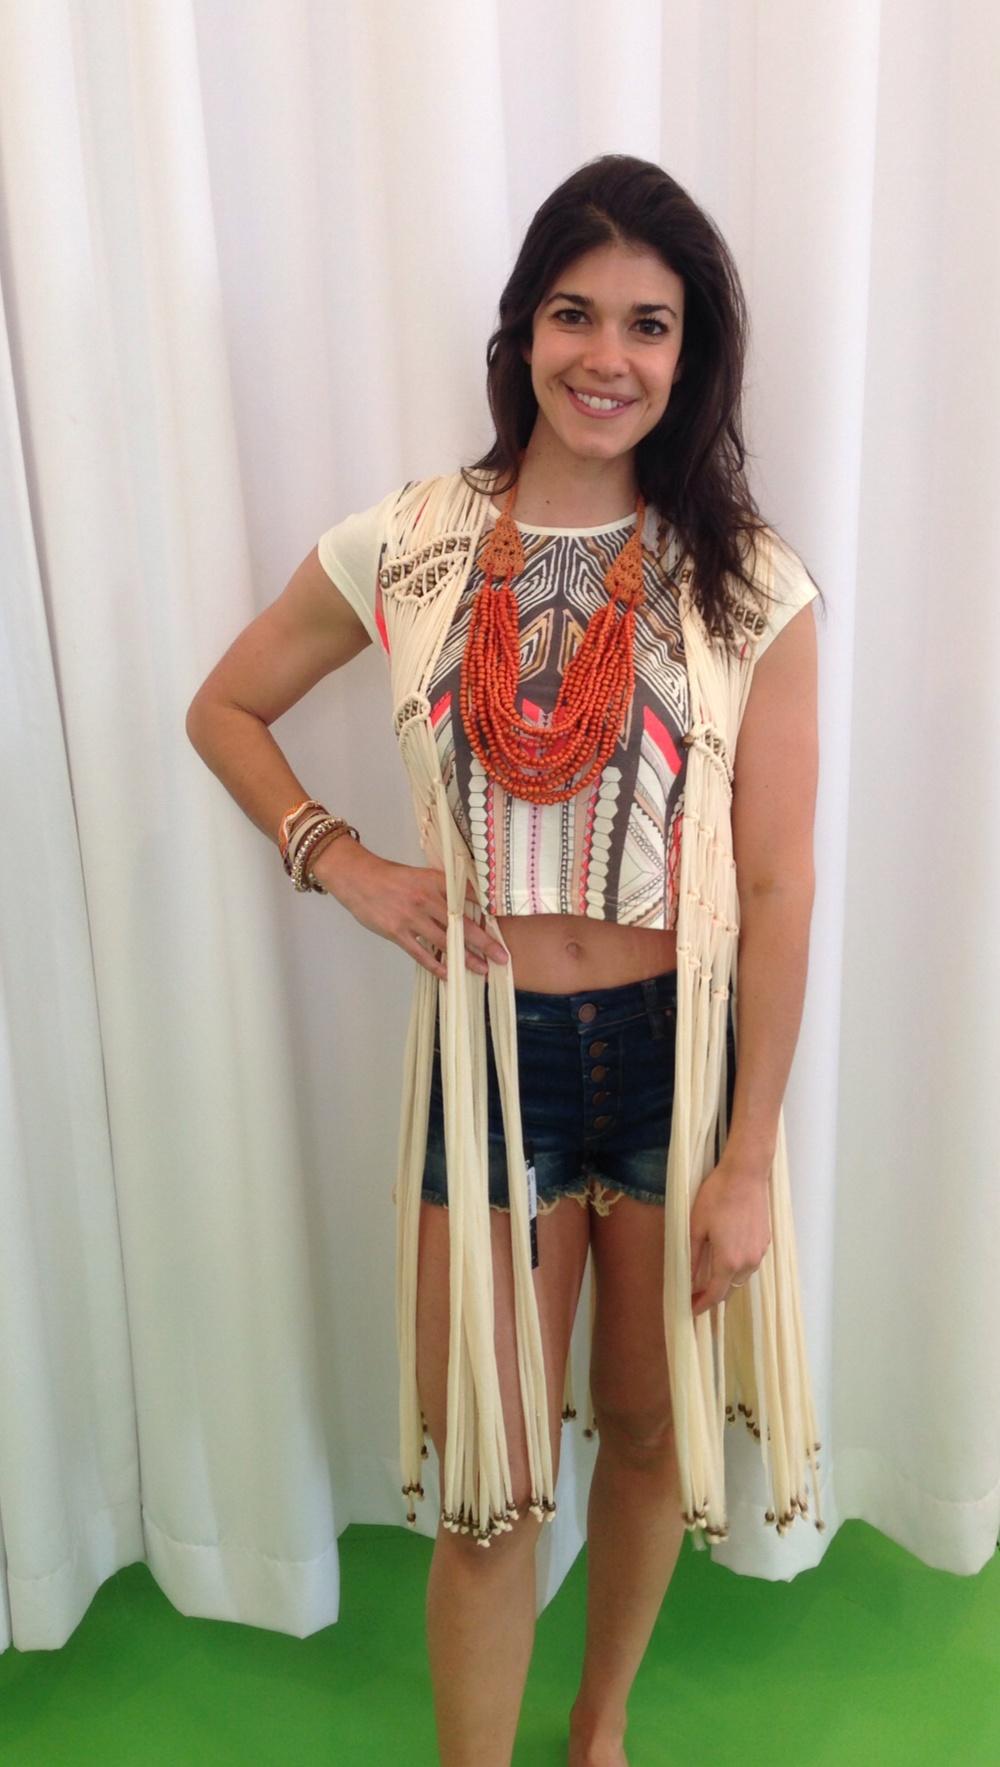 Navajo Vibes - Style - Lauren Schwaiger